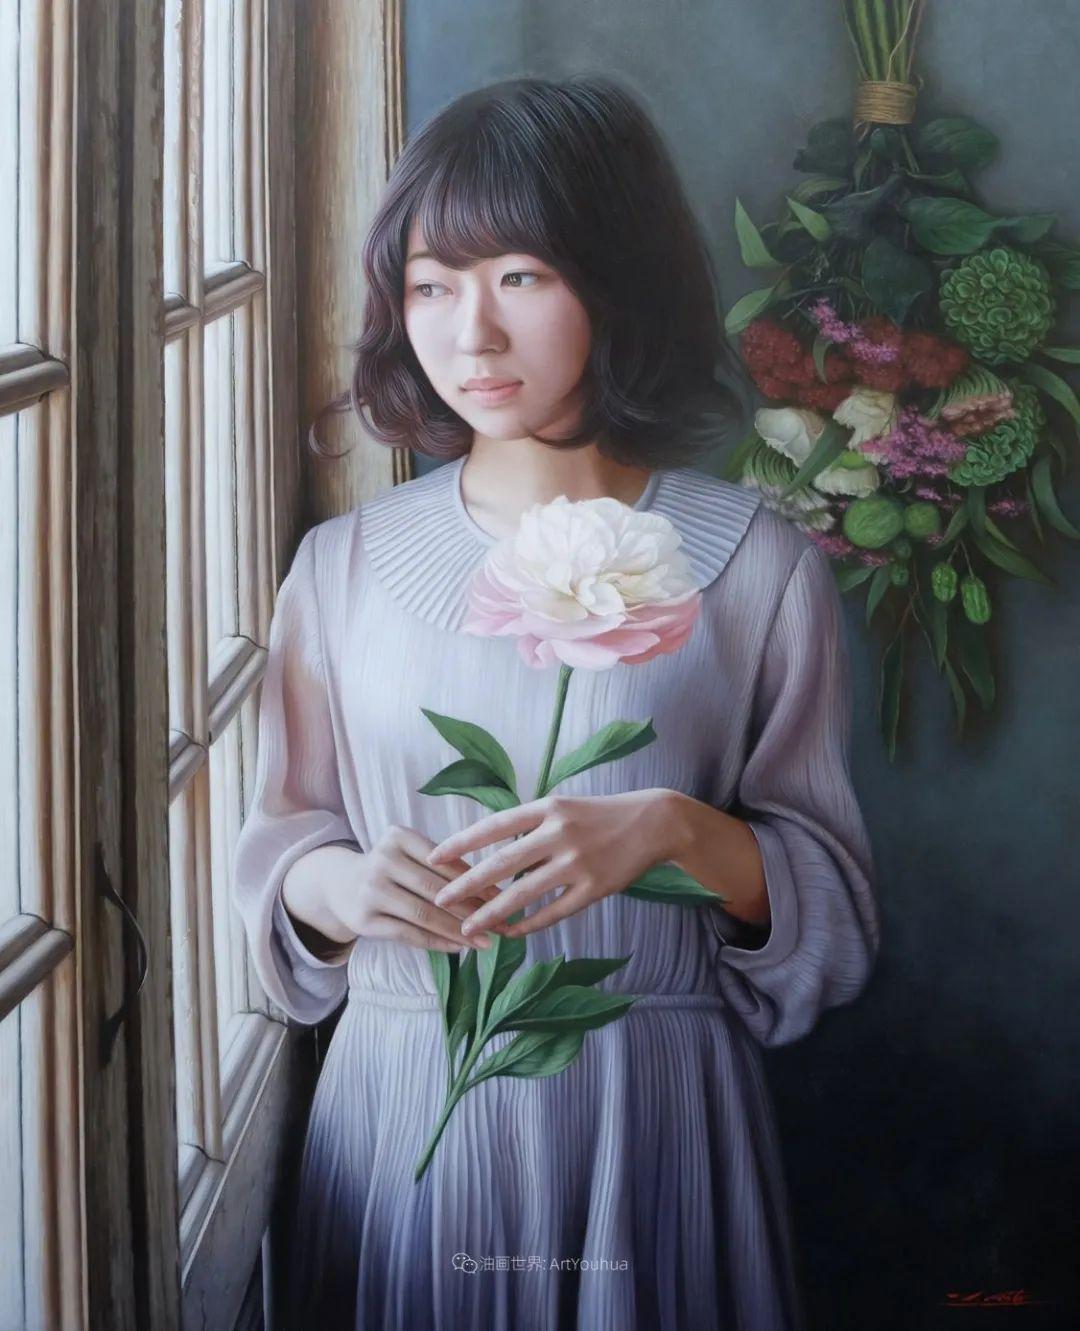 日本画家佐藤功笔下的清纯美女,如照片般的质感!插图37